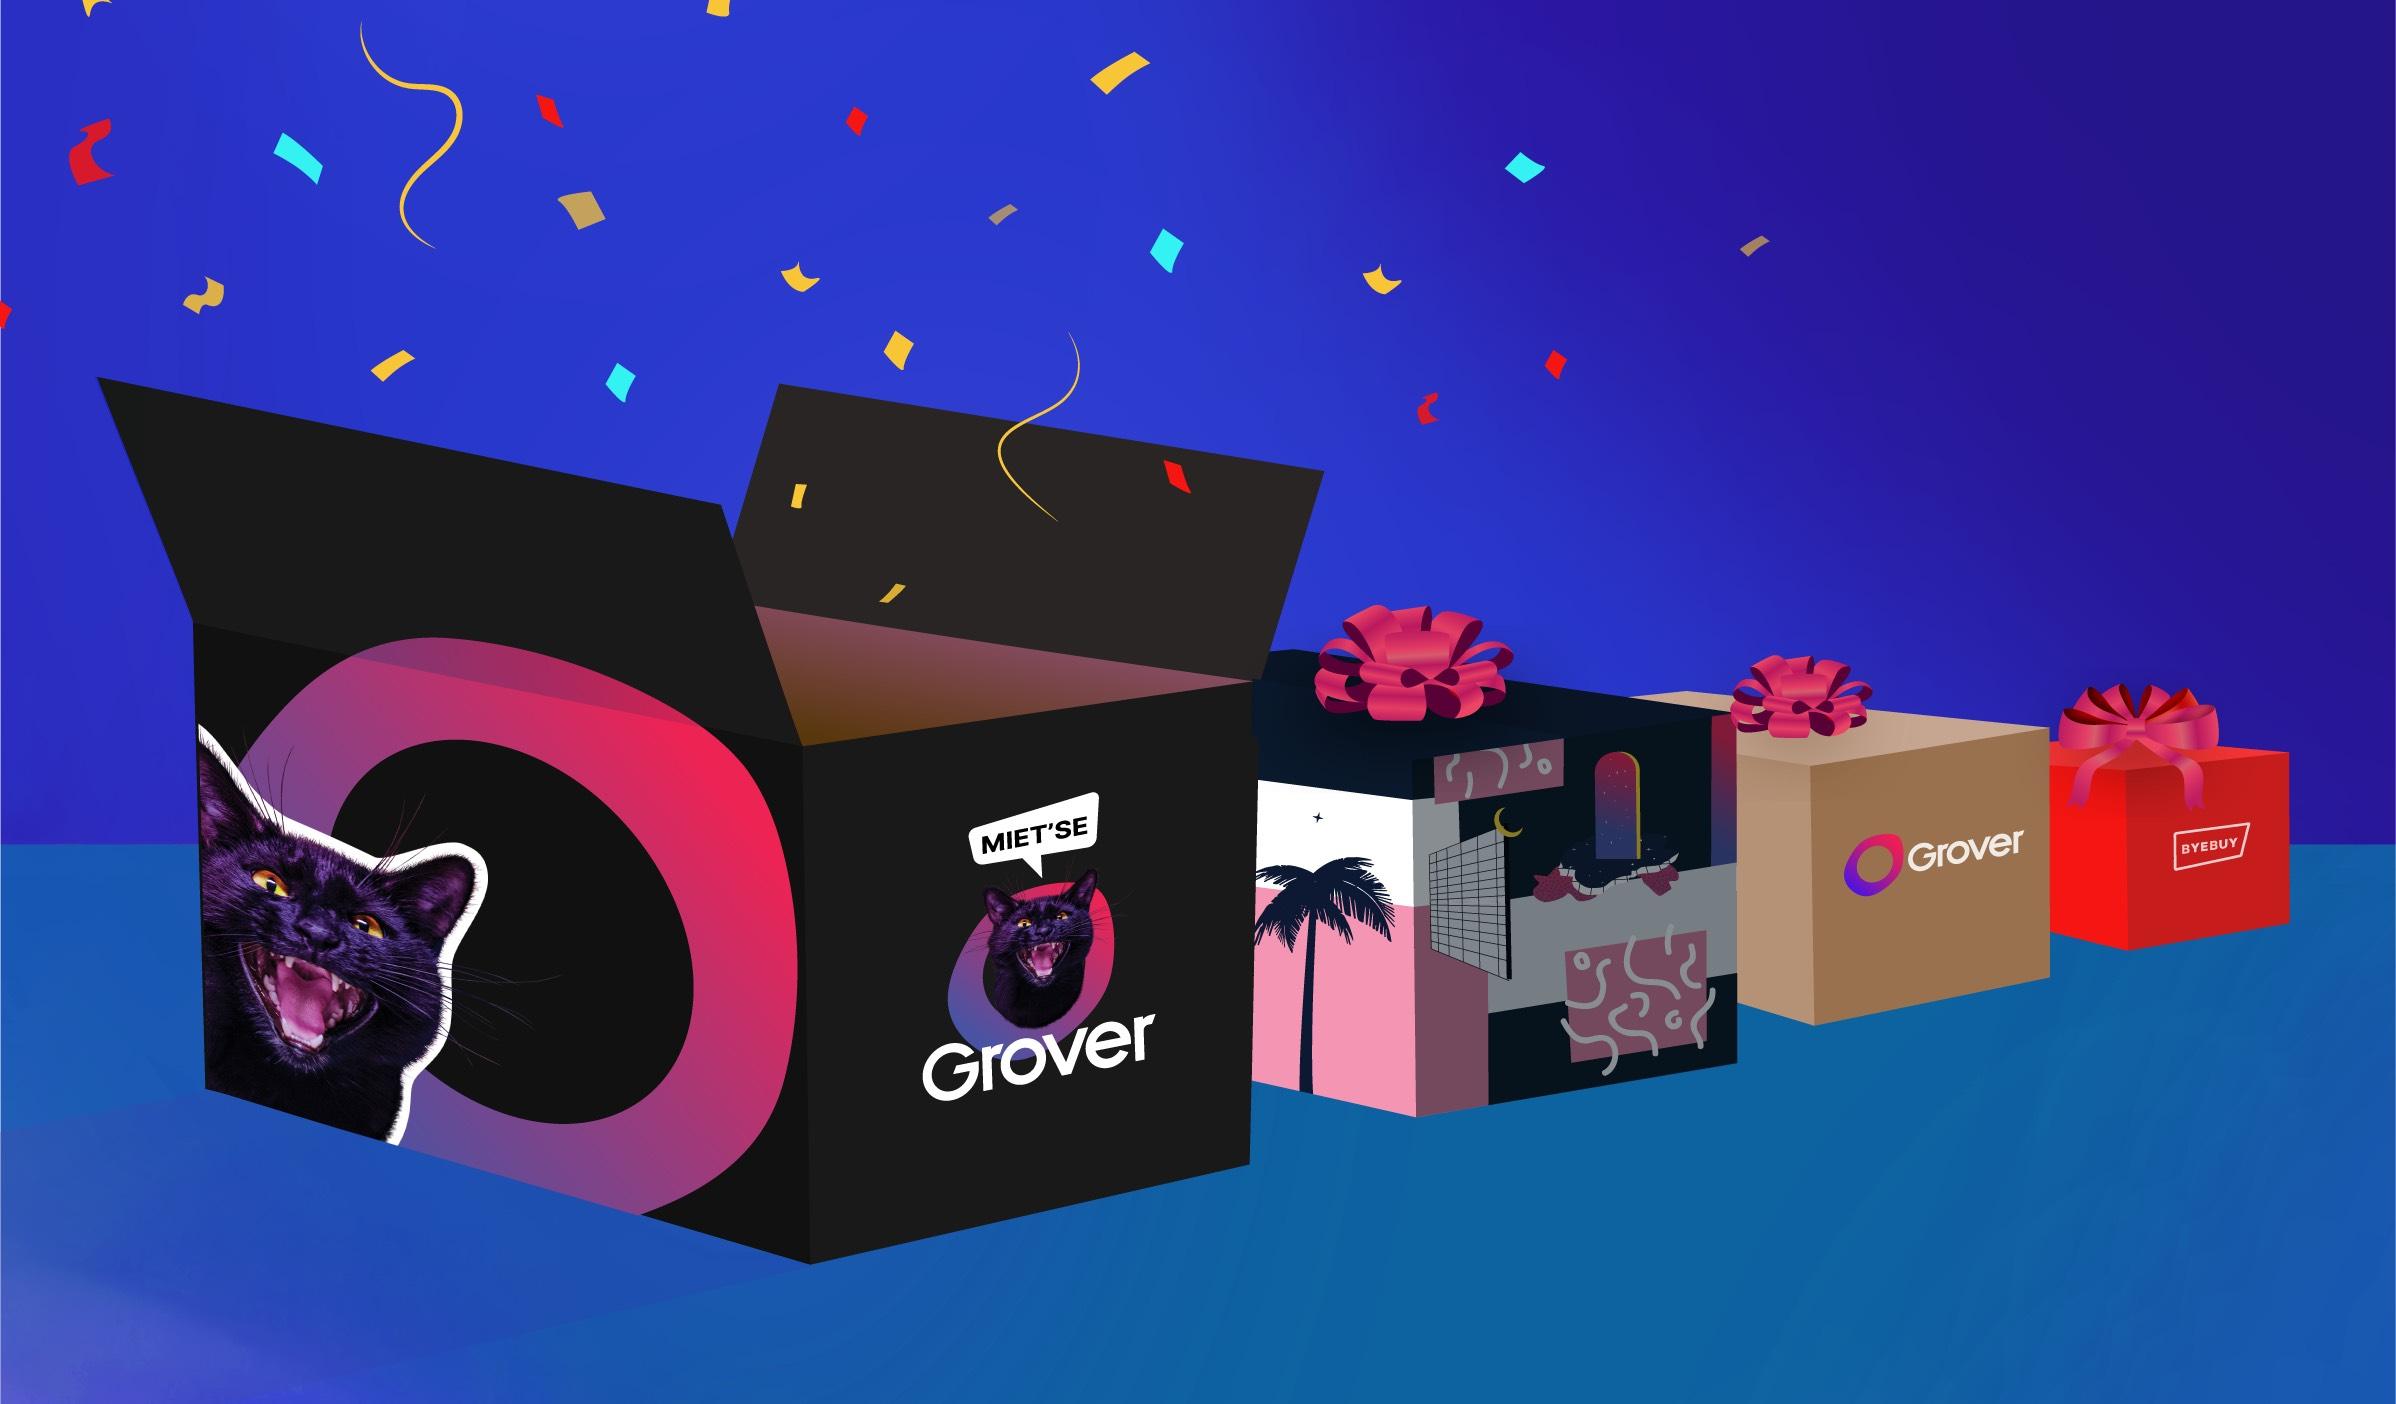 Hardware Vermietung - Grover.com - 25€ Rabatt ab einem MBW von 30€